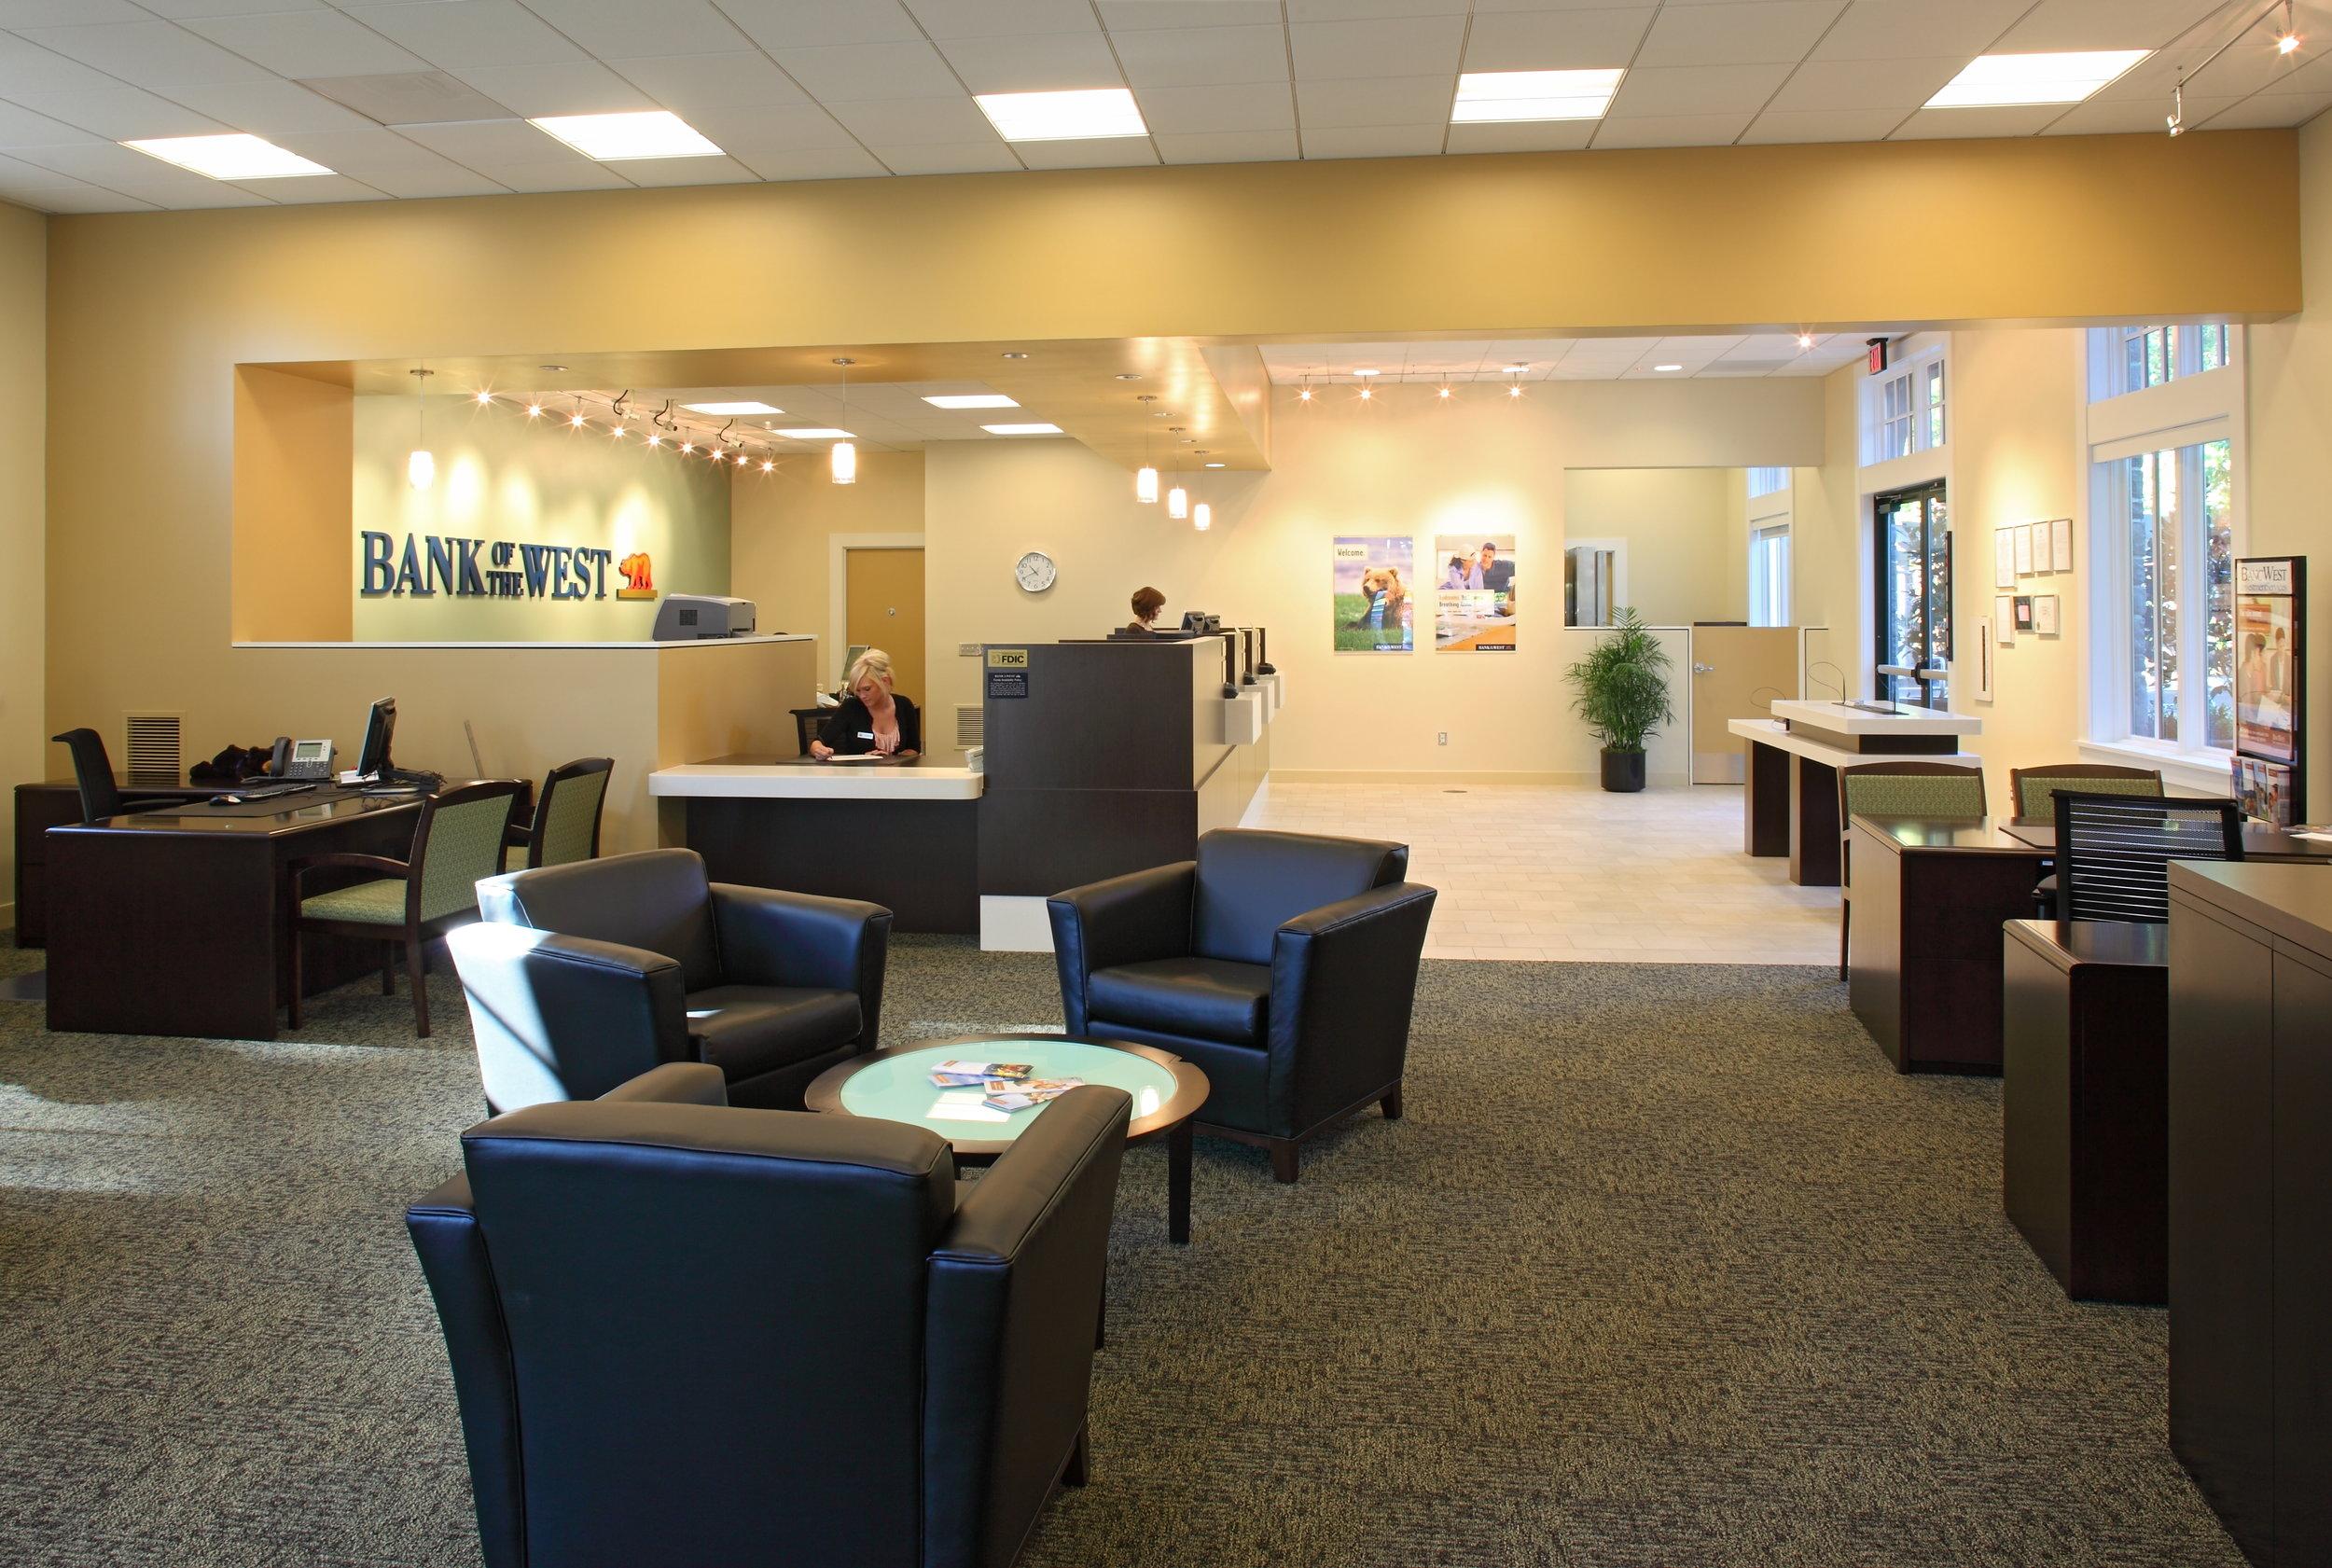 Bank West_Image_2_In.jpg